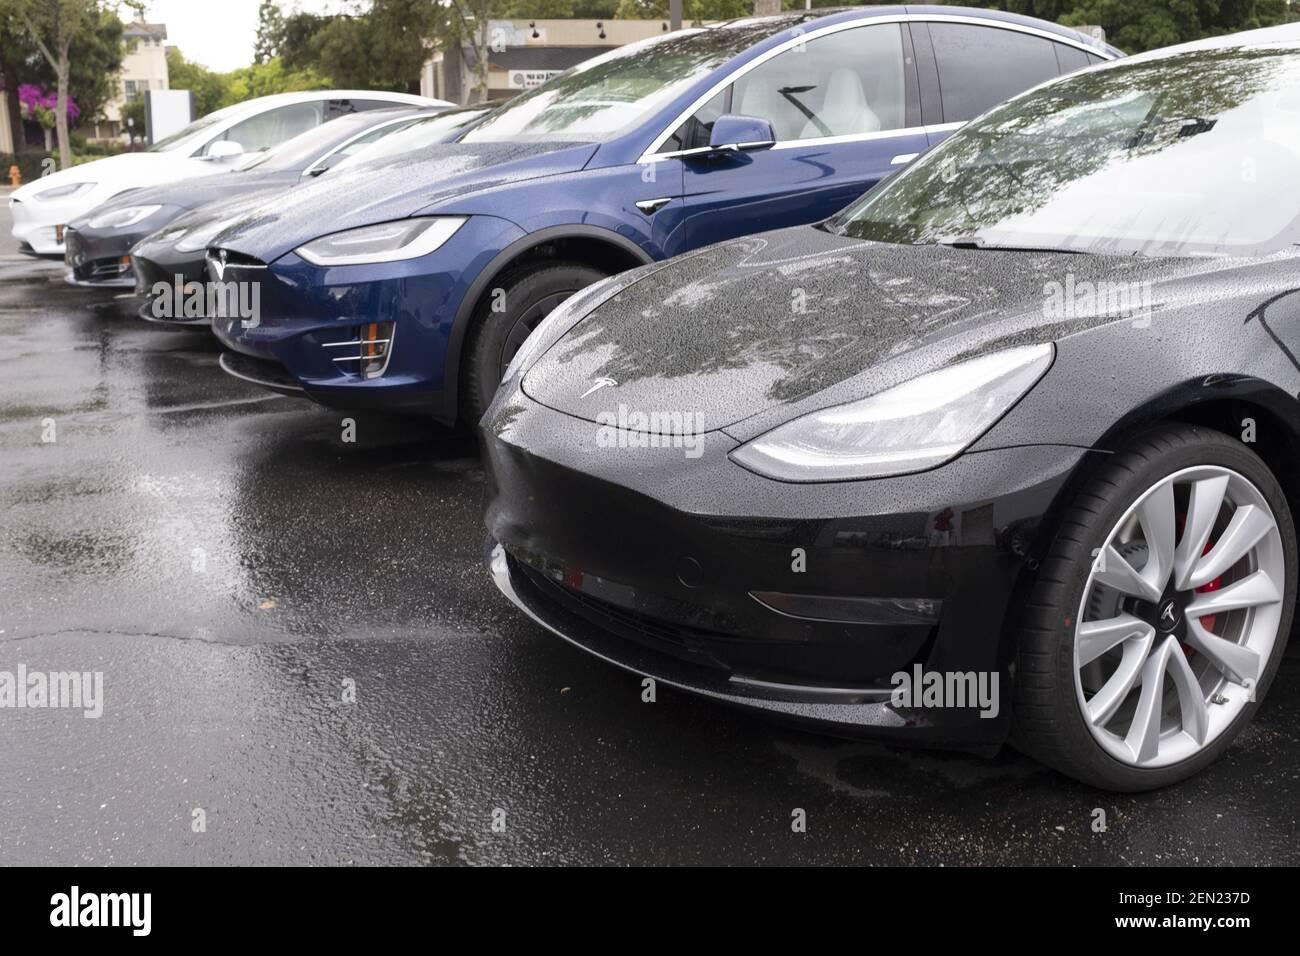 I veicoli Tesla vengono presentati in uno showroom a Palo Alto, California, Stati Uniti, il 21 maggio 2019. Tesla annuncia che sta riducendo il SUV Model X per 2,000 dollari e l'auto Model S per 3,000 dollari dopo aver sollevato preoccupazioni circa l'affievolimento dell'interesse per le sue auto e aver perso finora il 38% nel mercato azionario di quest'anno. (Foto di Yichuan Cao/Sipa USA) Foto Stock